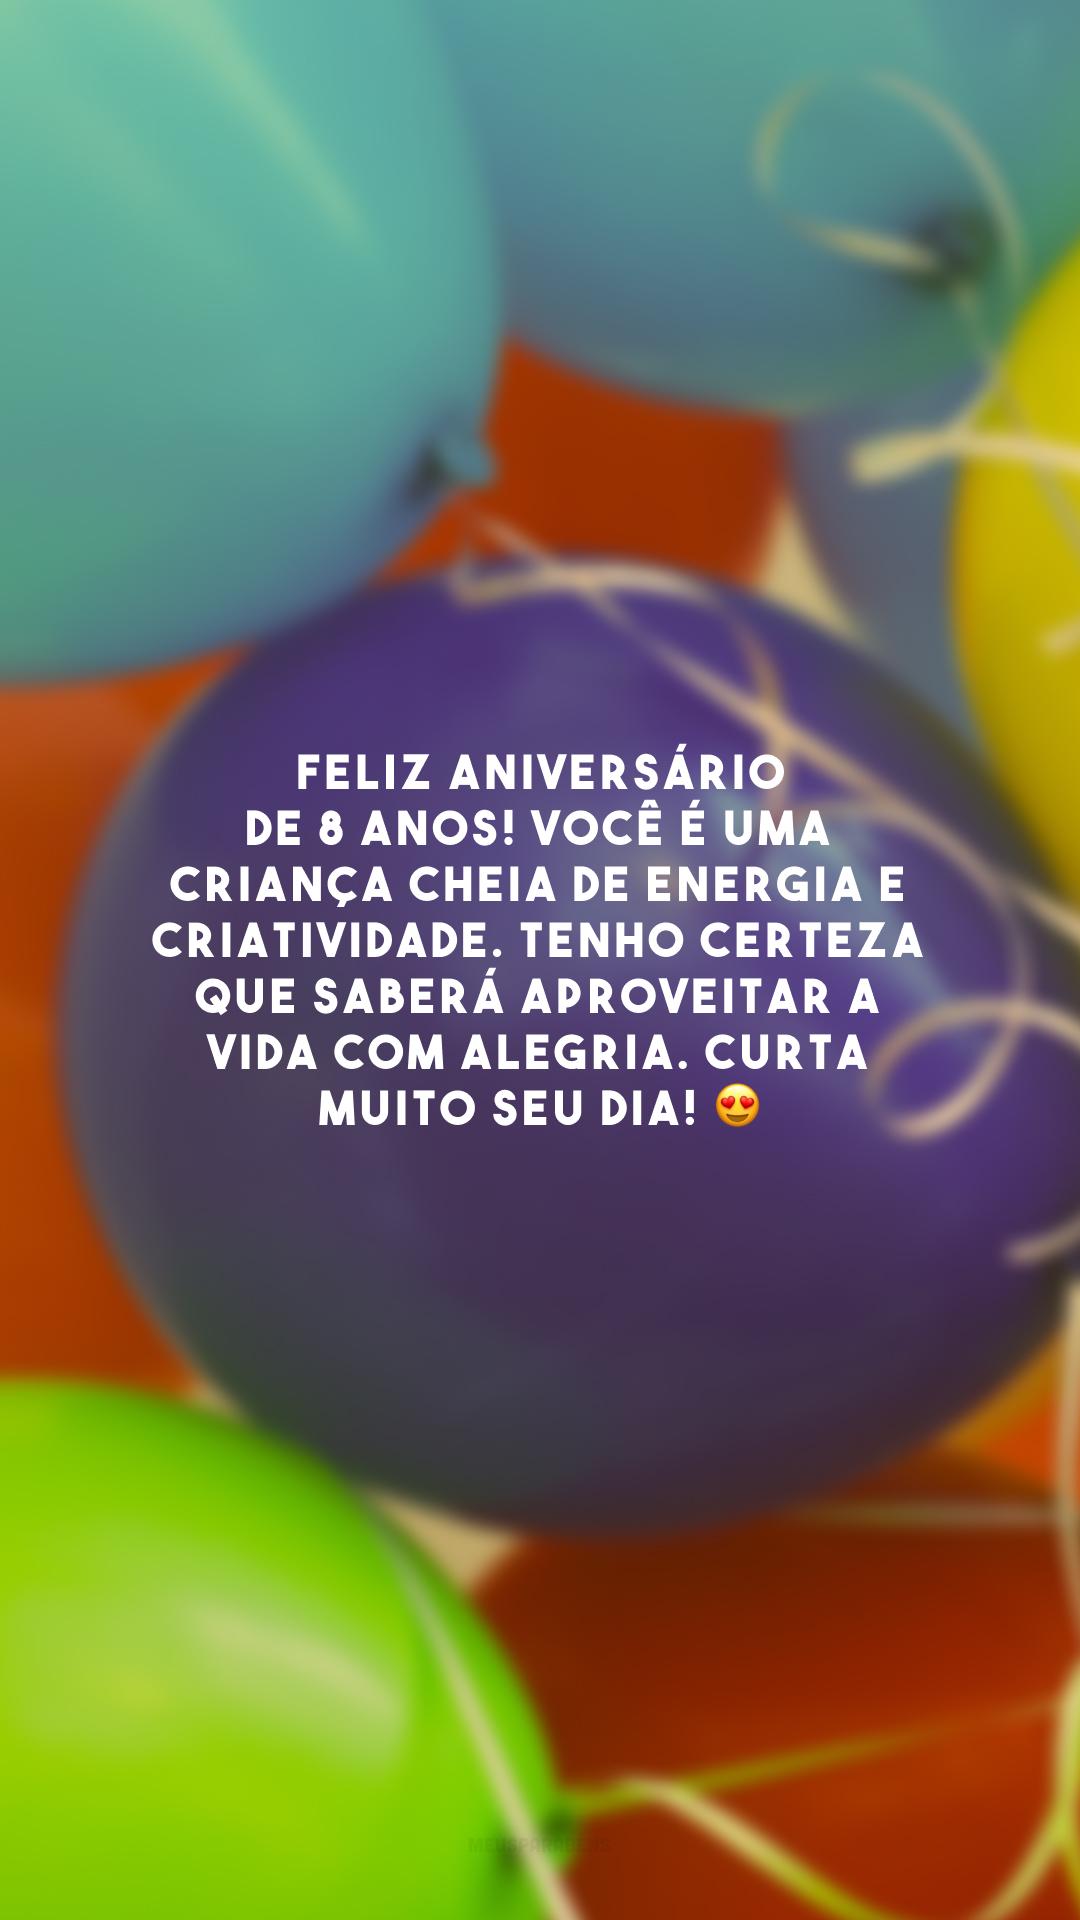 Feliz aniversário de 8 anos! Você é uma criança cheia de energia e criatividade. Tenho certeza que saberá aproveitar a vida com alegria. Curta muito seu dia! 😍